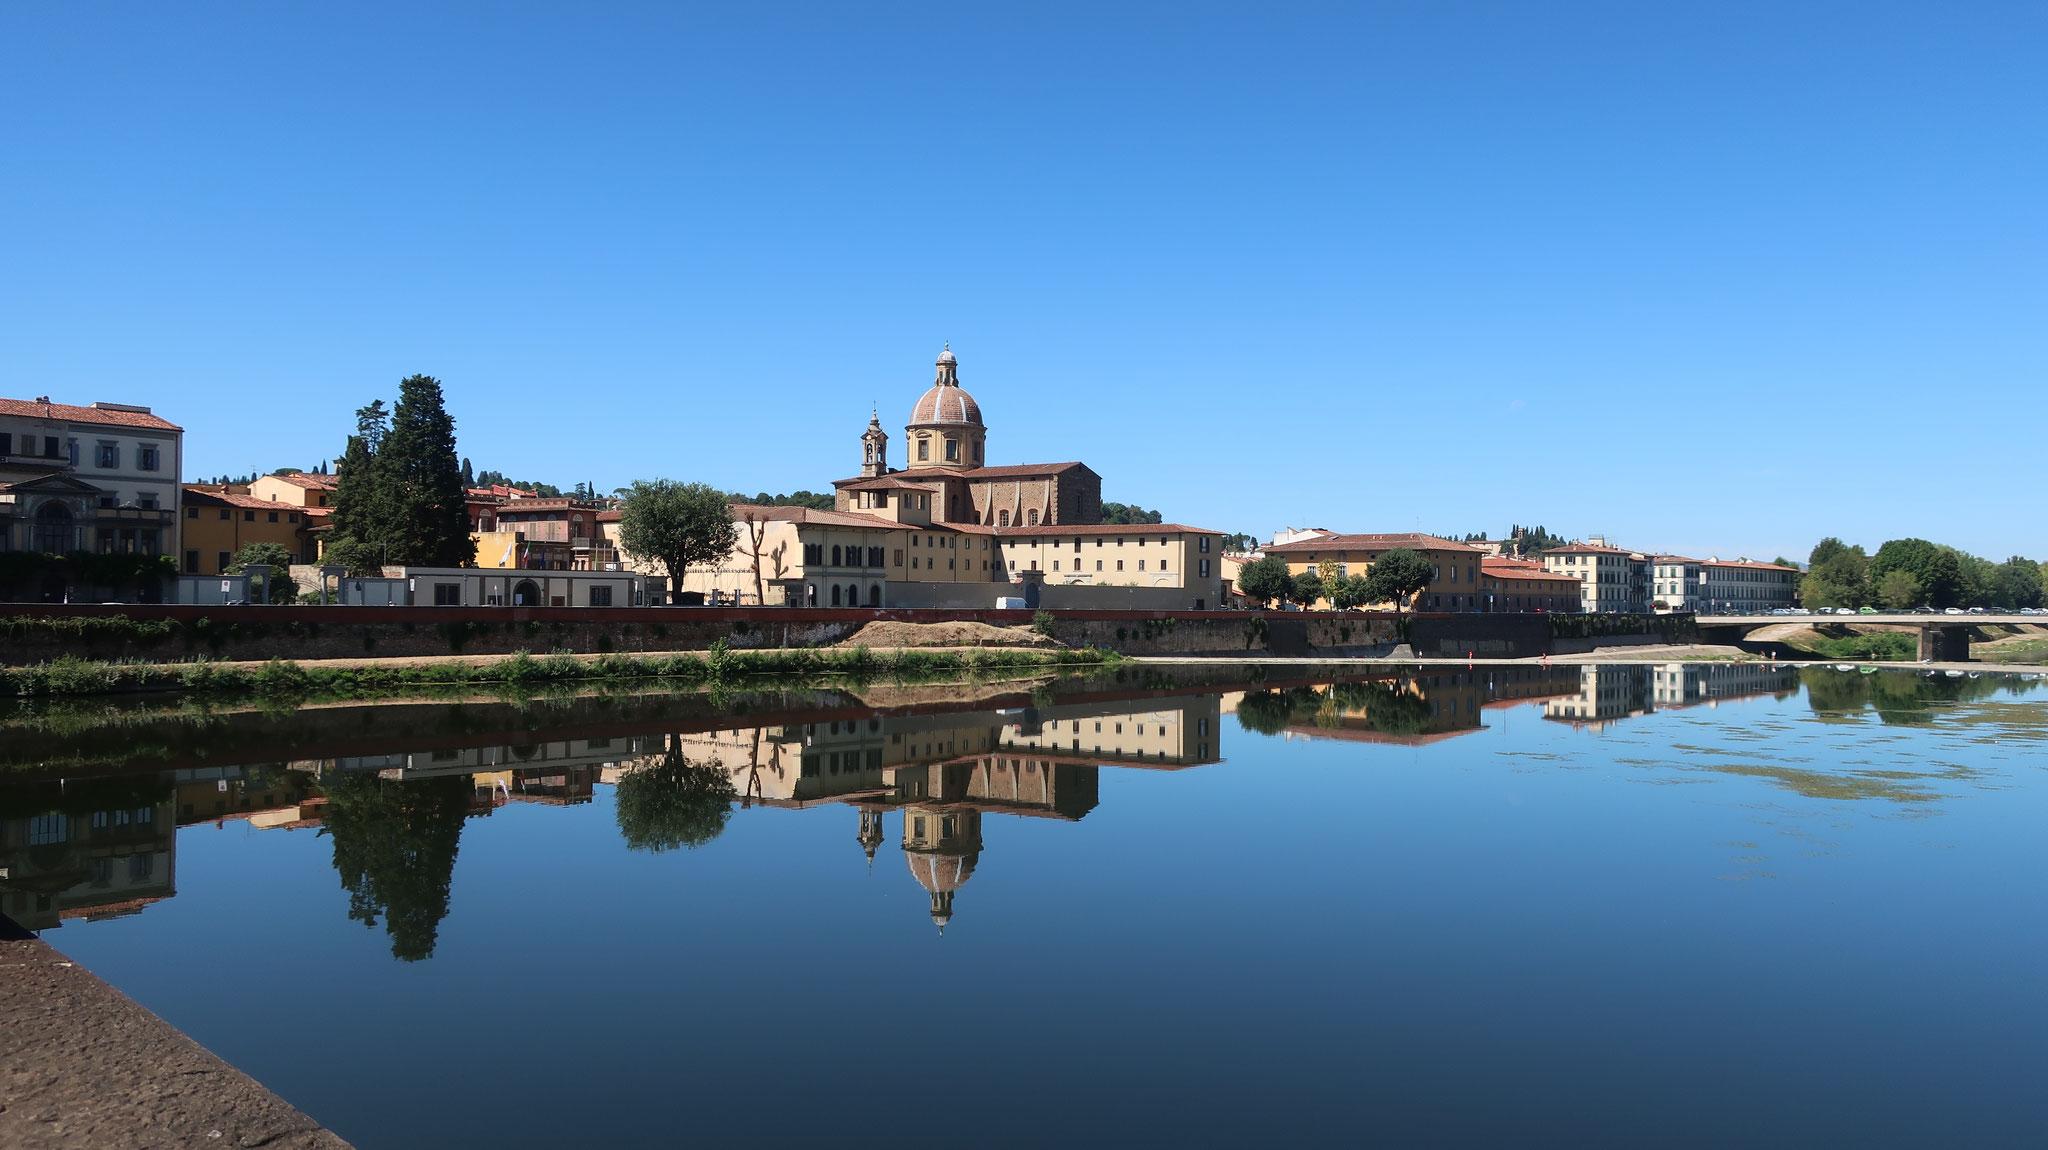 アルノ川に面するサン・フレディアノ教会